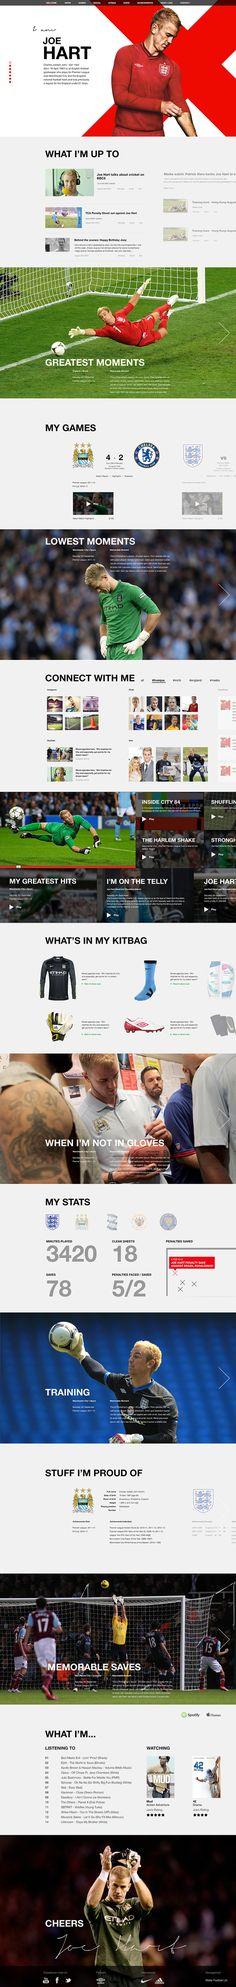 Cool Web Design on the Internet, Joe Hart. #webdesign #webdevelopment #website @ http://www.pinterest.com/alfredchong/web-design/